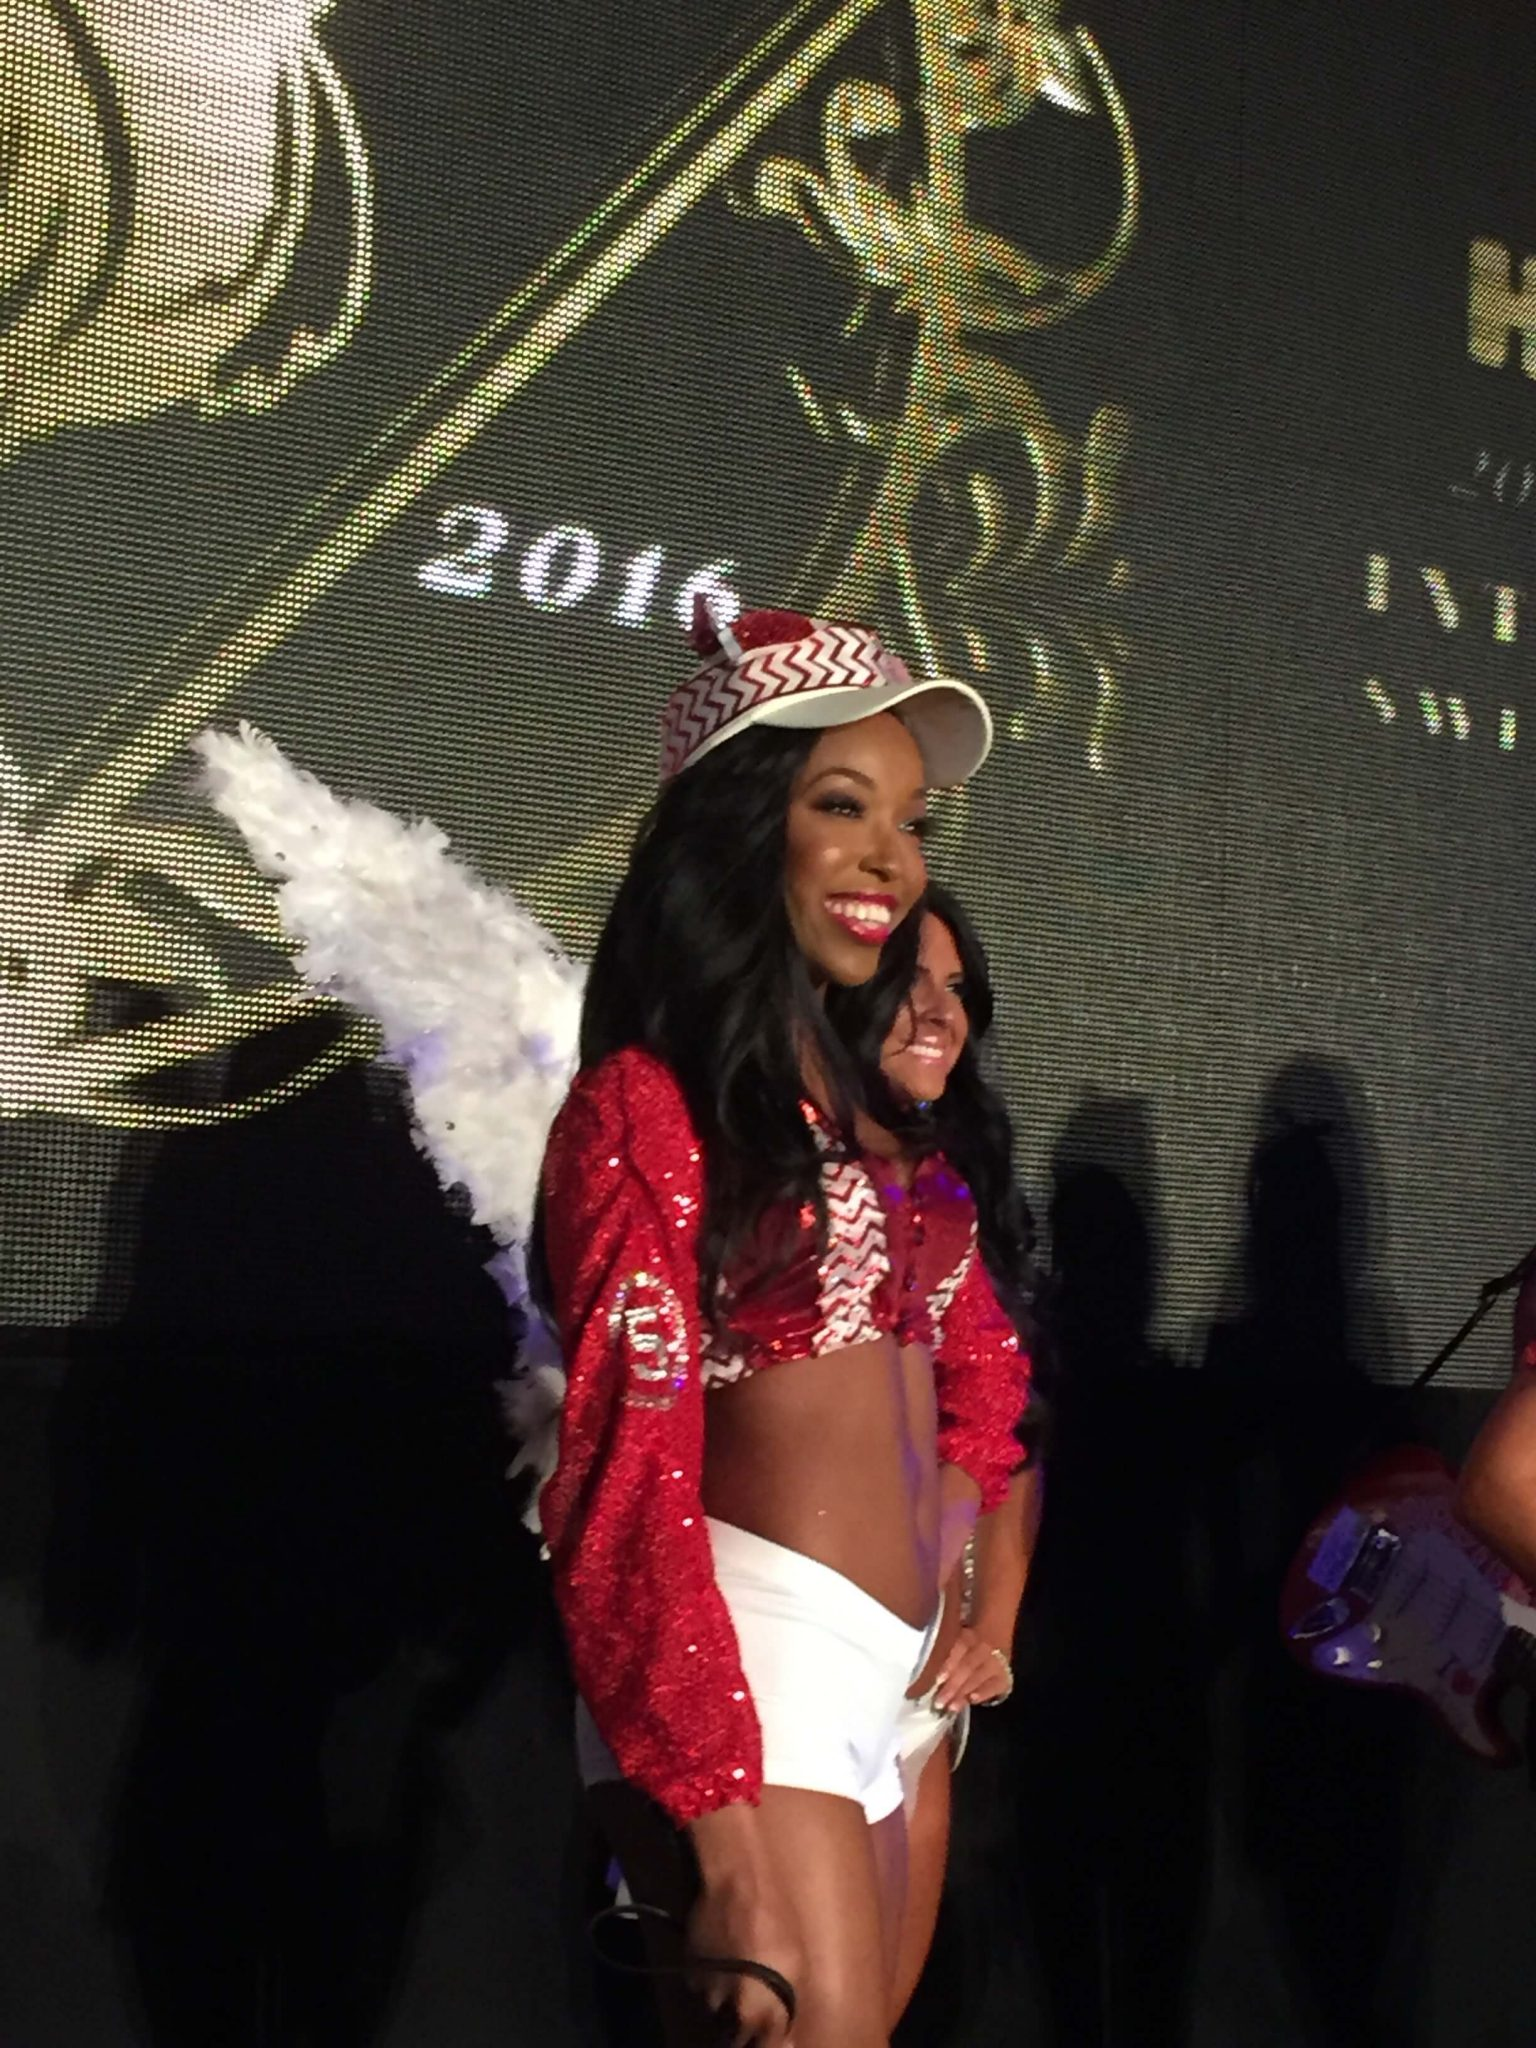 #43 Miss Louisville, Courtney Blakely